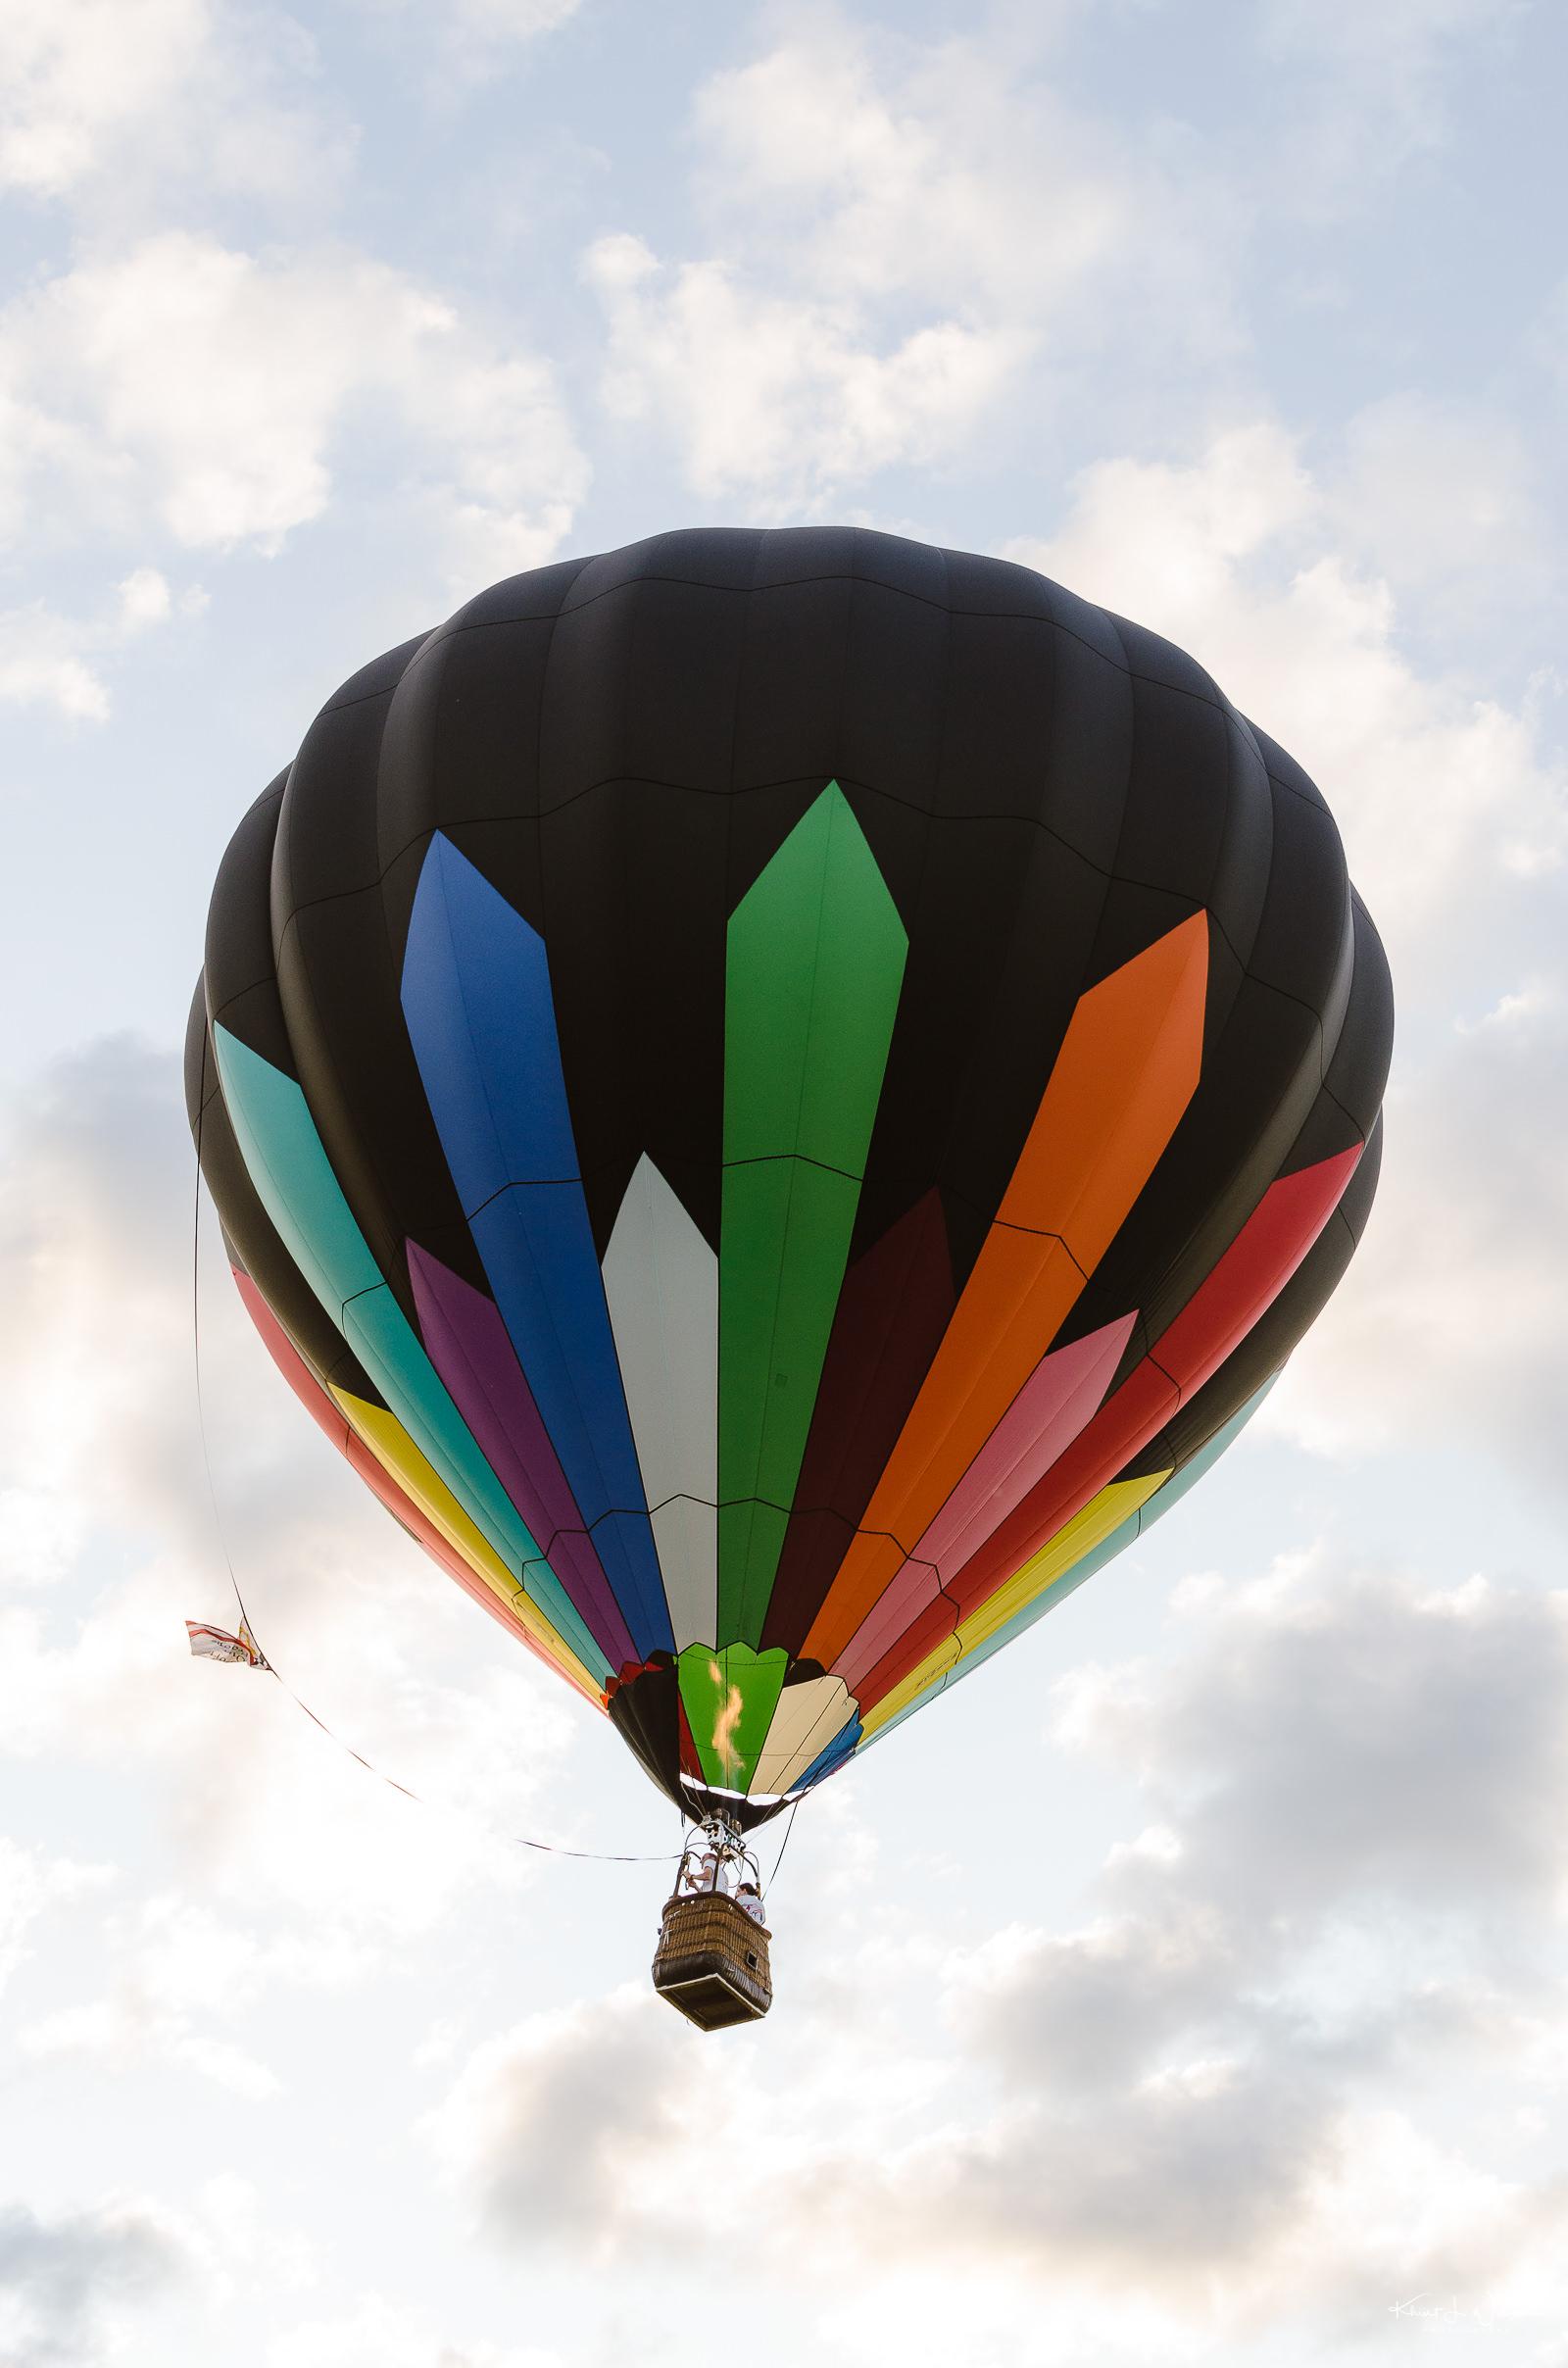 Baloon NIKON D5100 20140725 0968 1